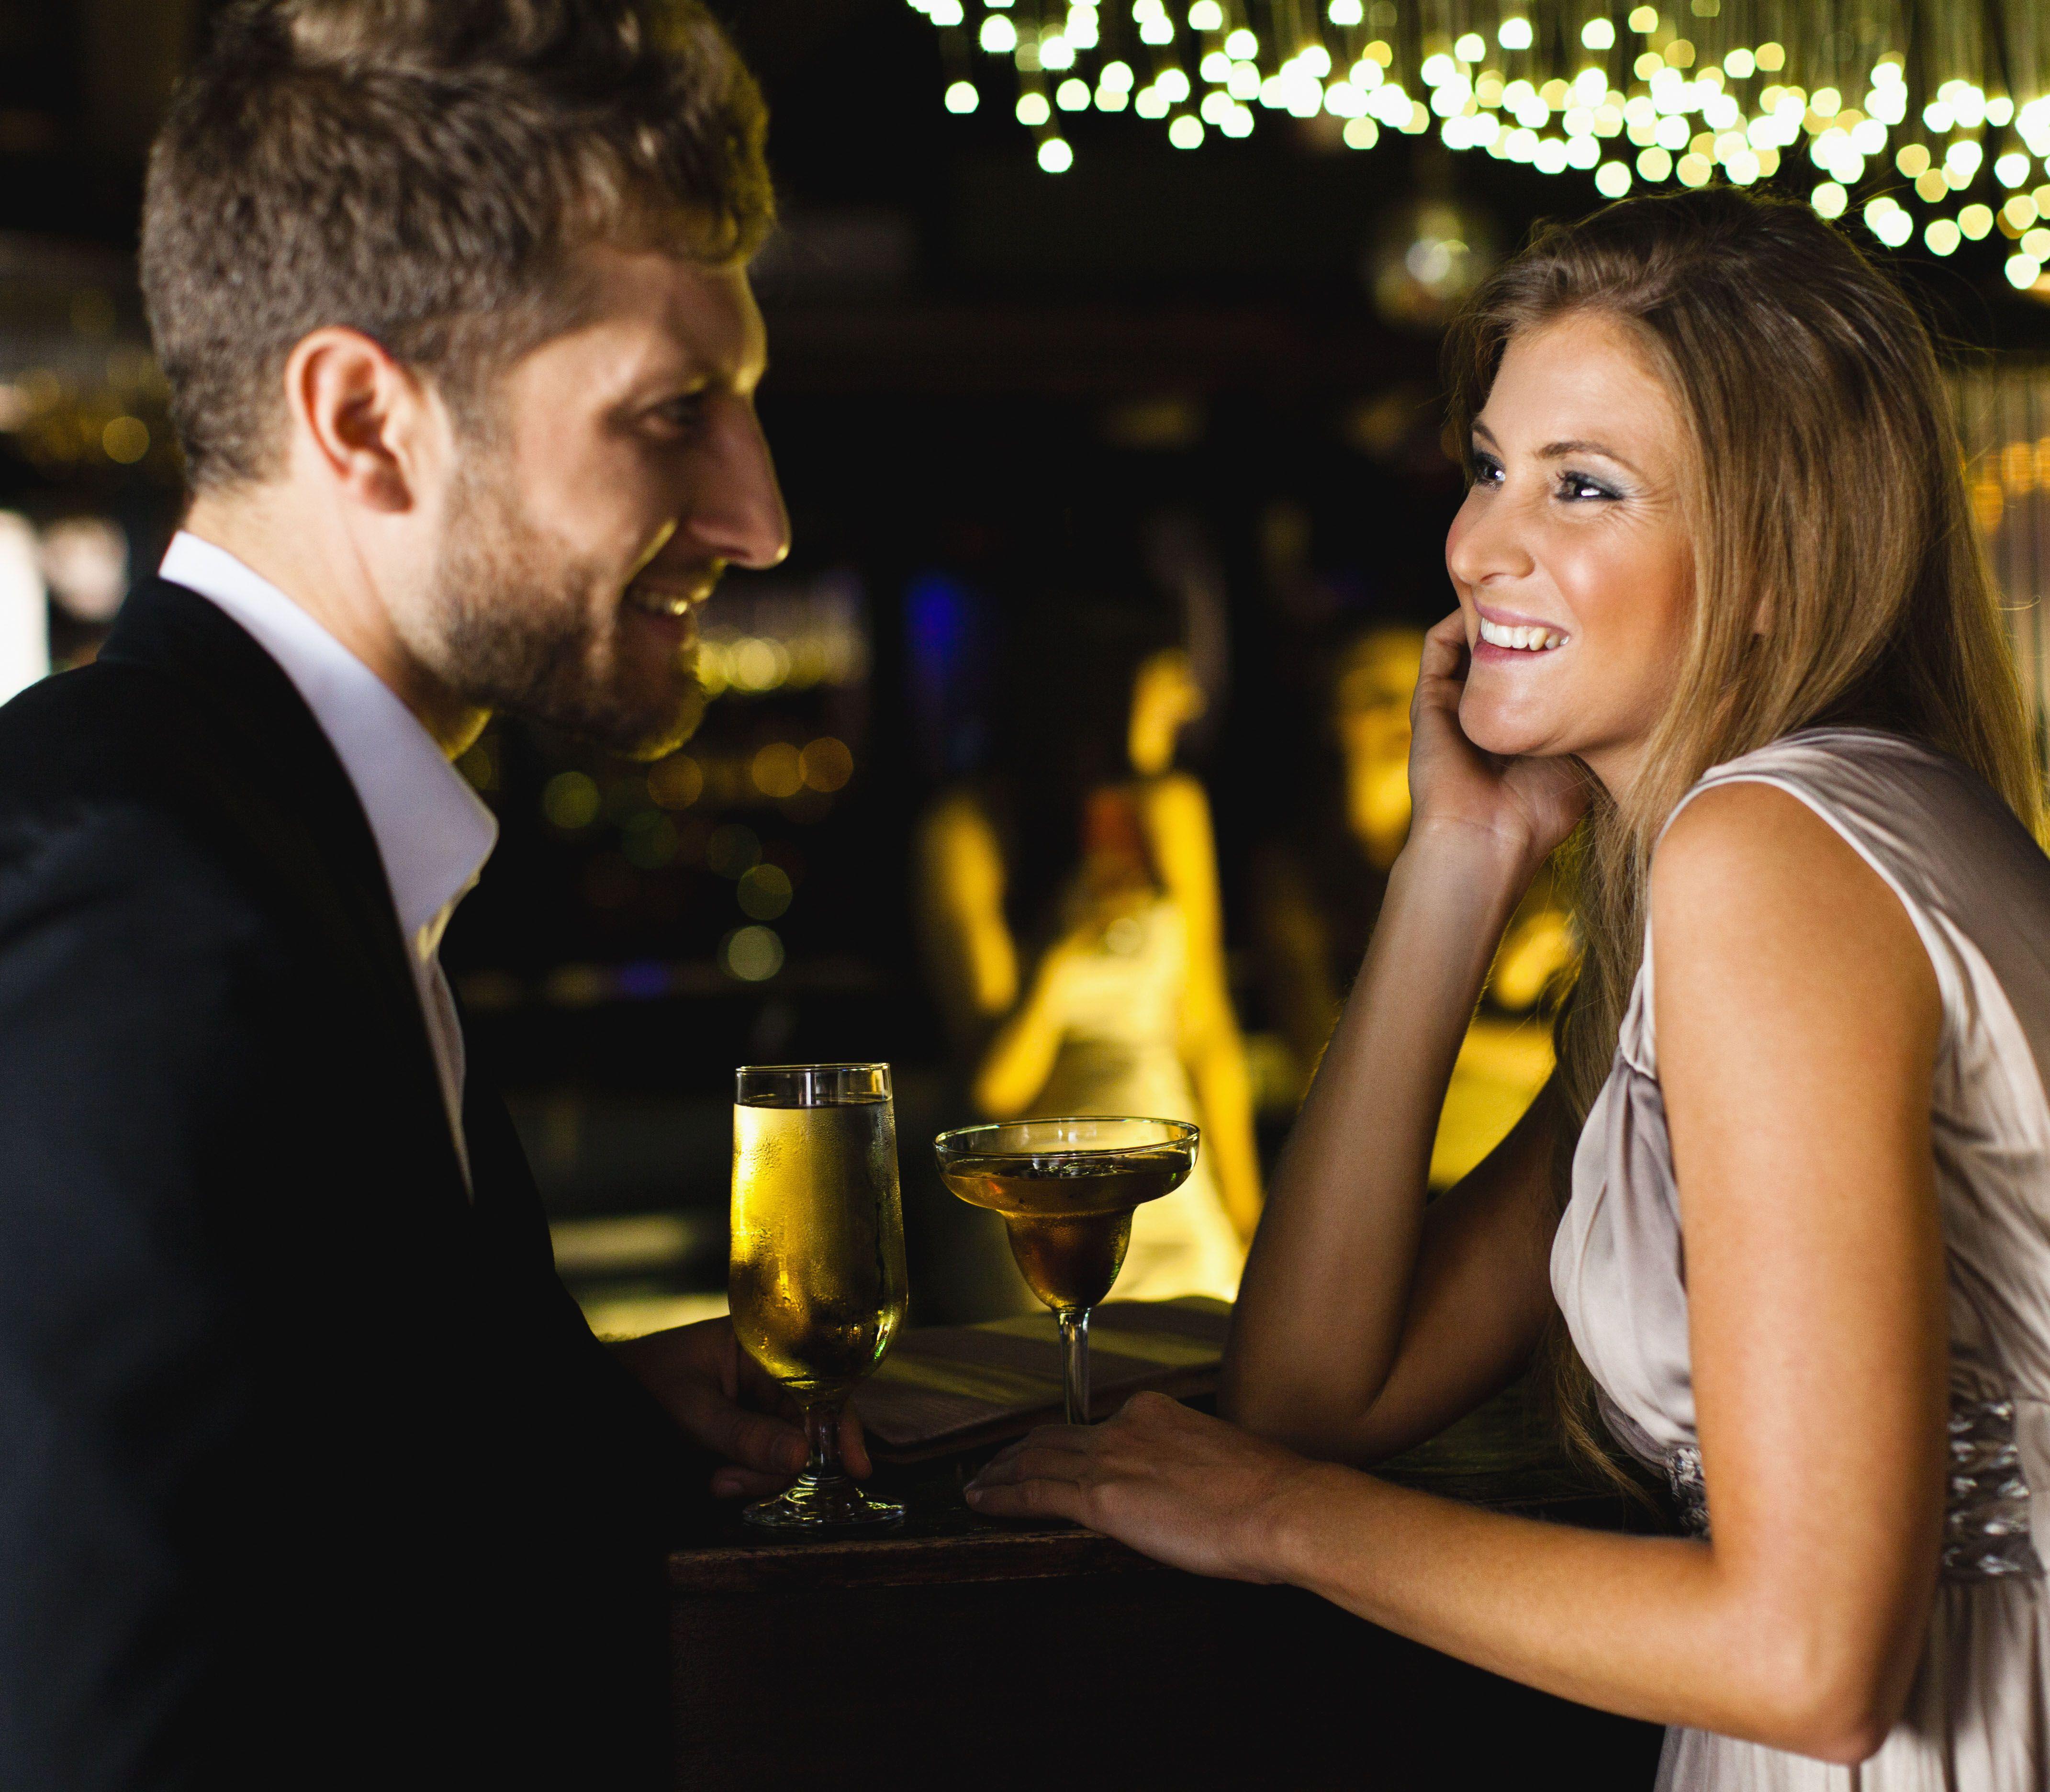 hoge hakken dating sites